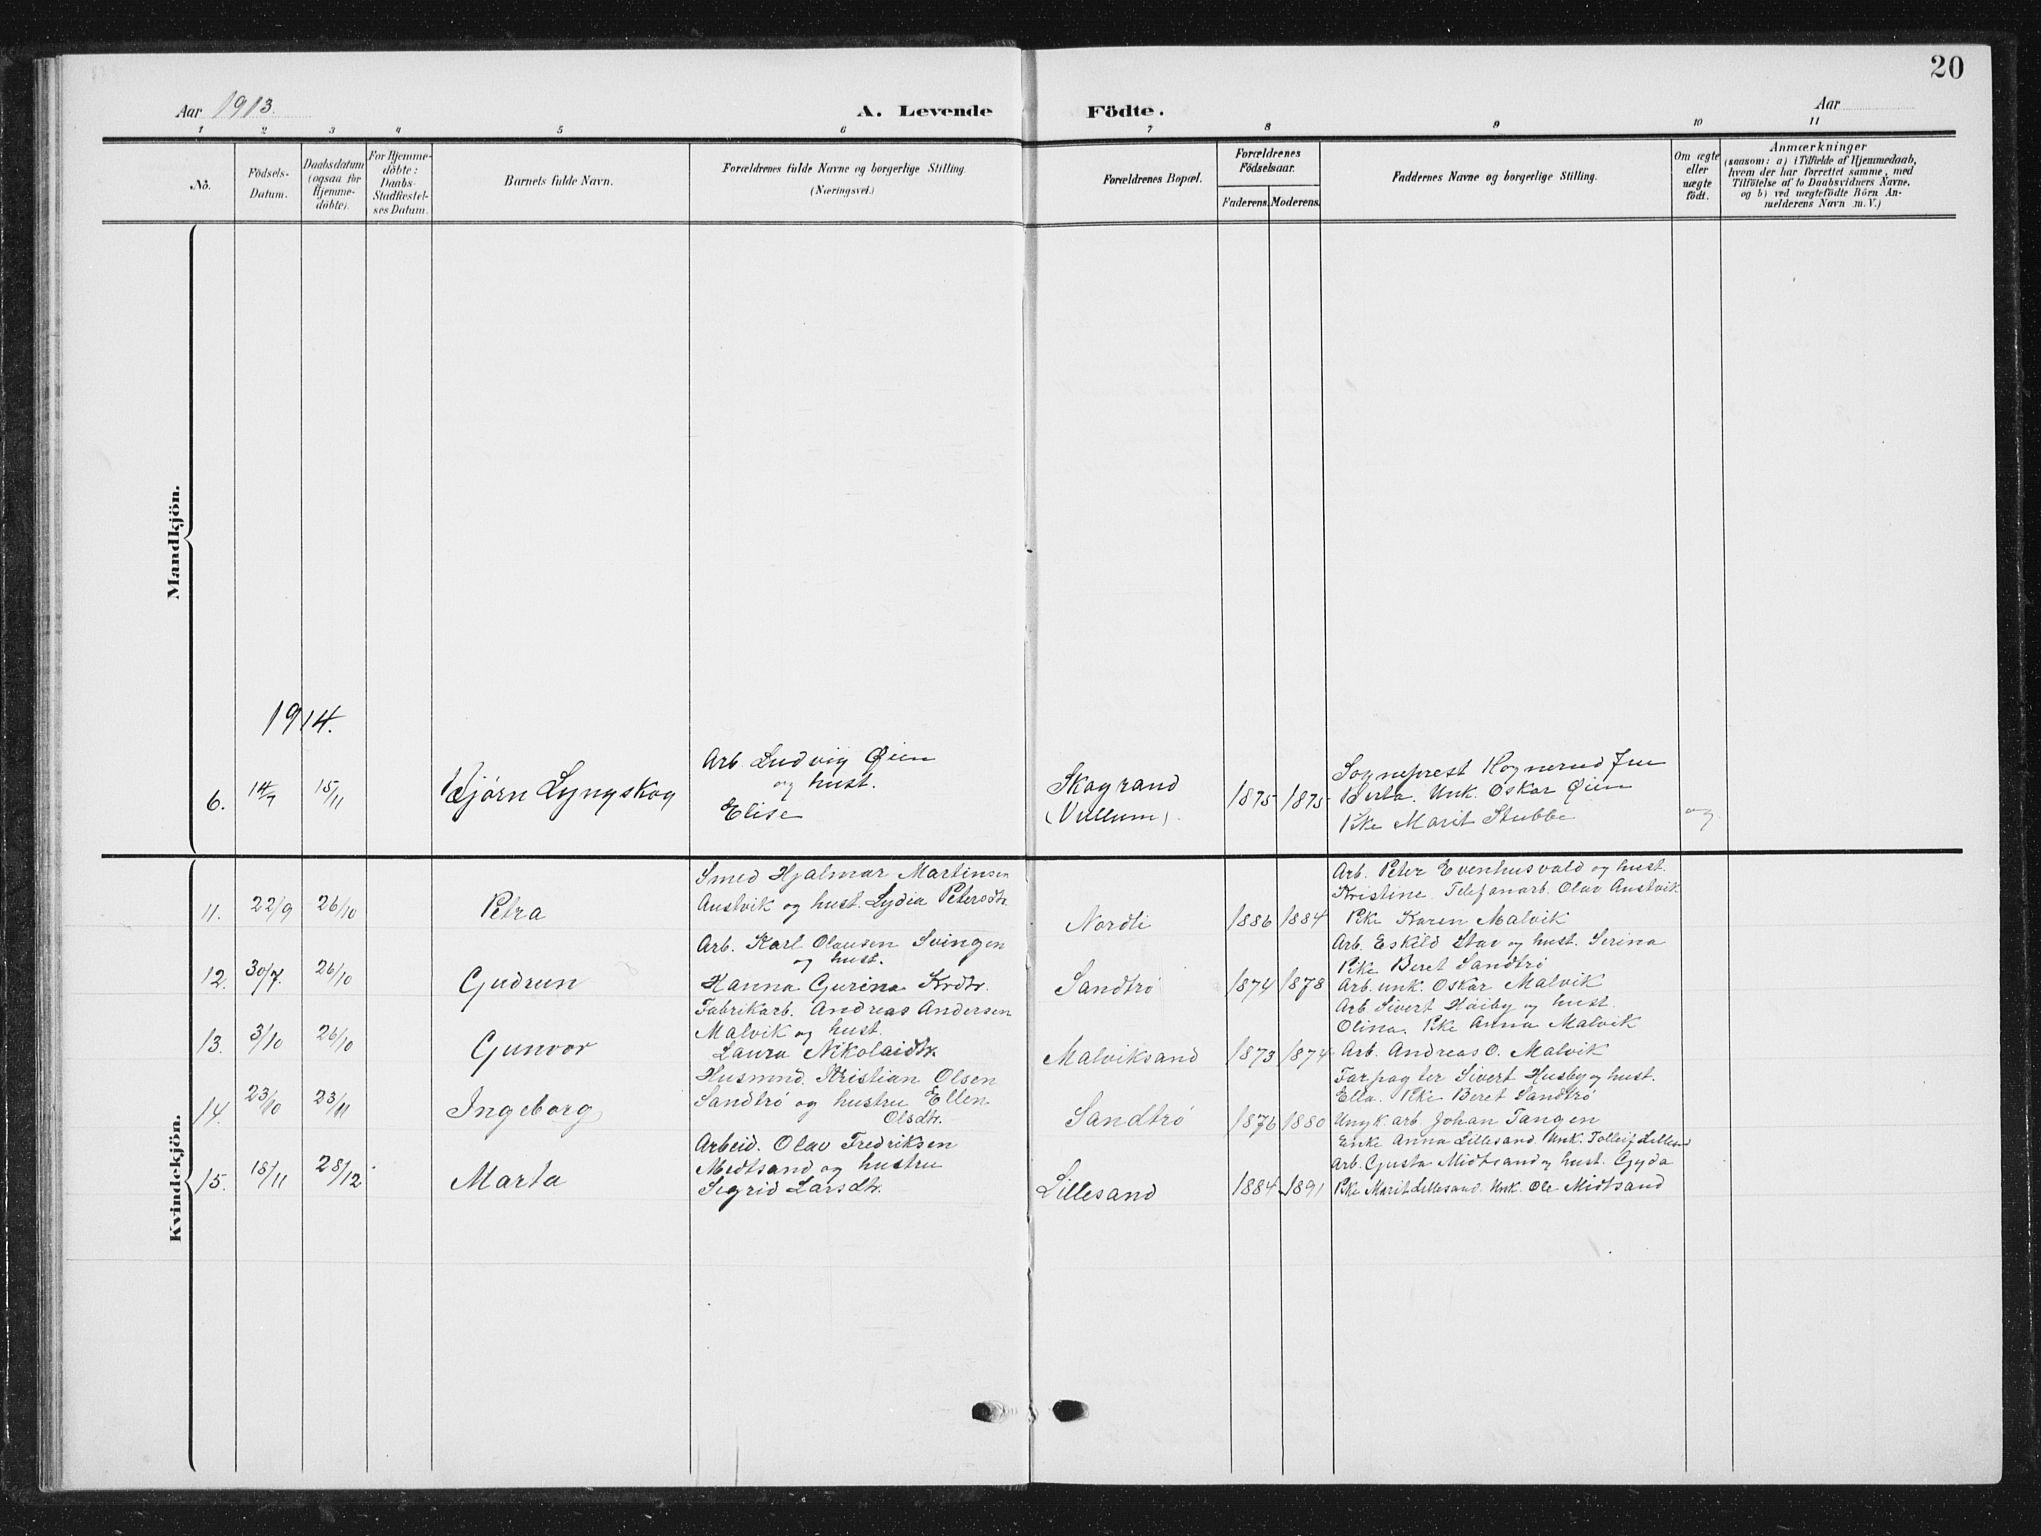 SAT, Ministerialprotokoller, klokkerbøker og fødselsregistre - Sør-Trøndelag, 616/L0424: Klokkerbok nr. 616C07, 1904-1940, s. 20